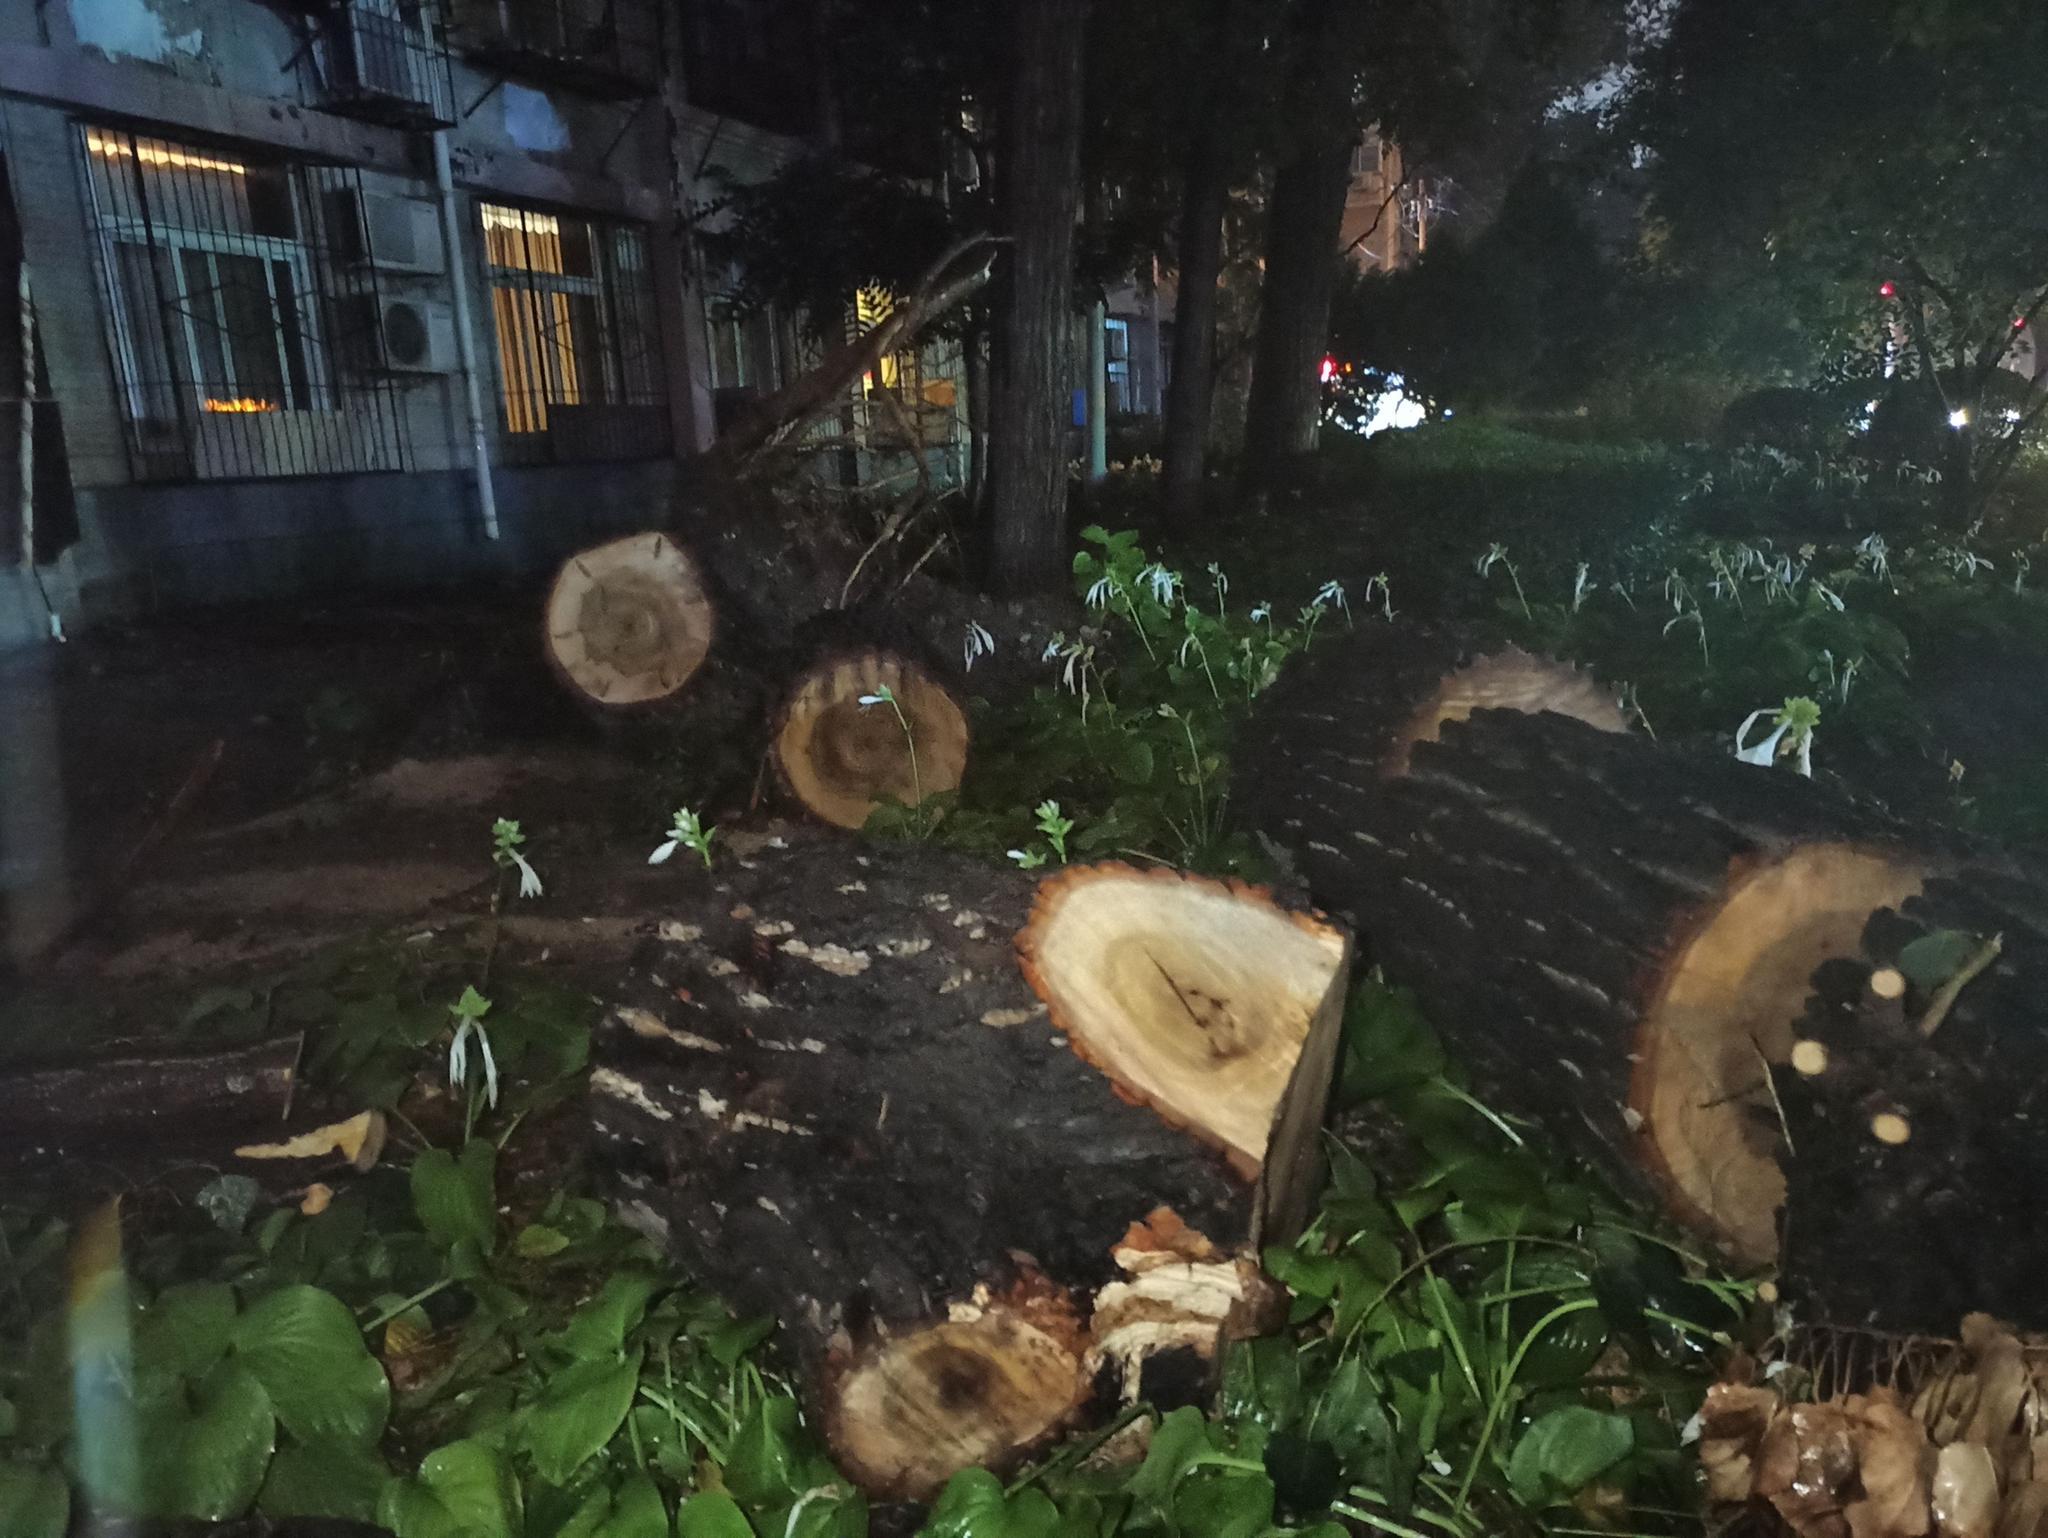 北京三里屯一20余米高杨树在雨中倾倒,7辆轿车被砸无人受伤